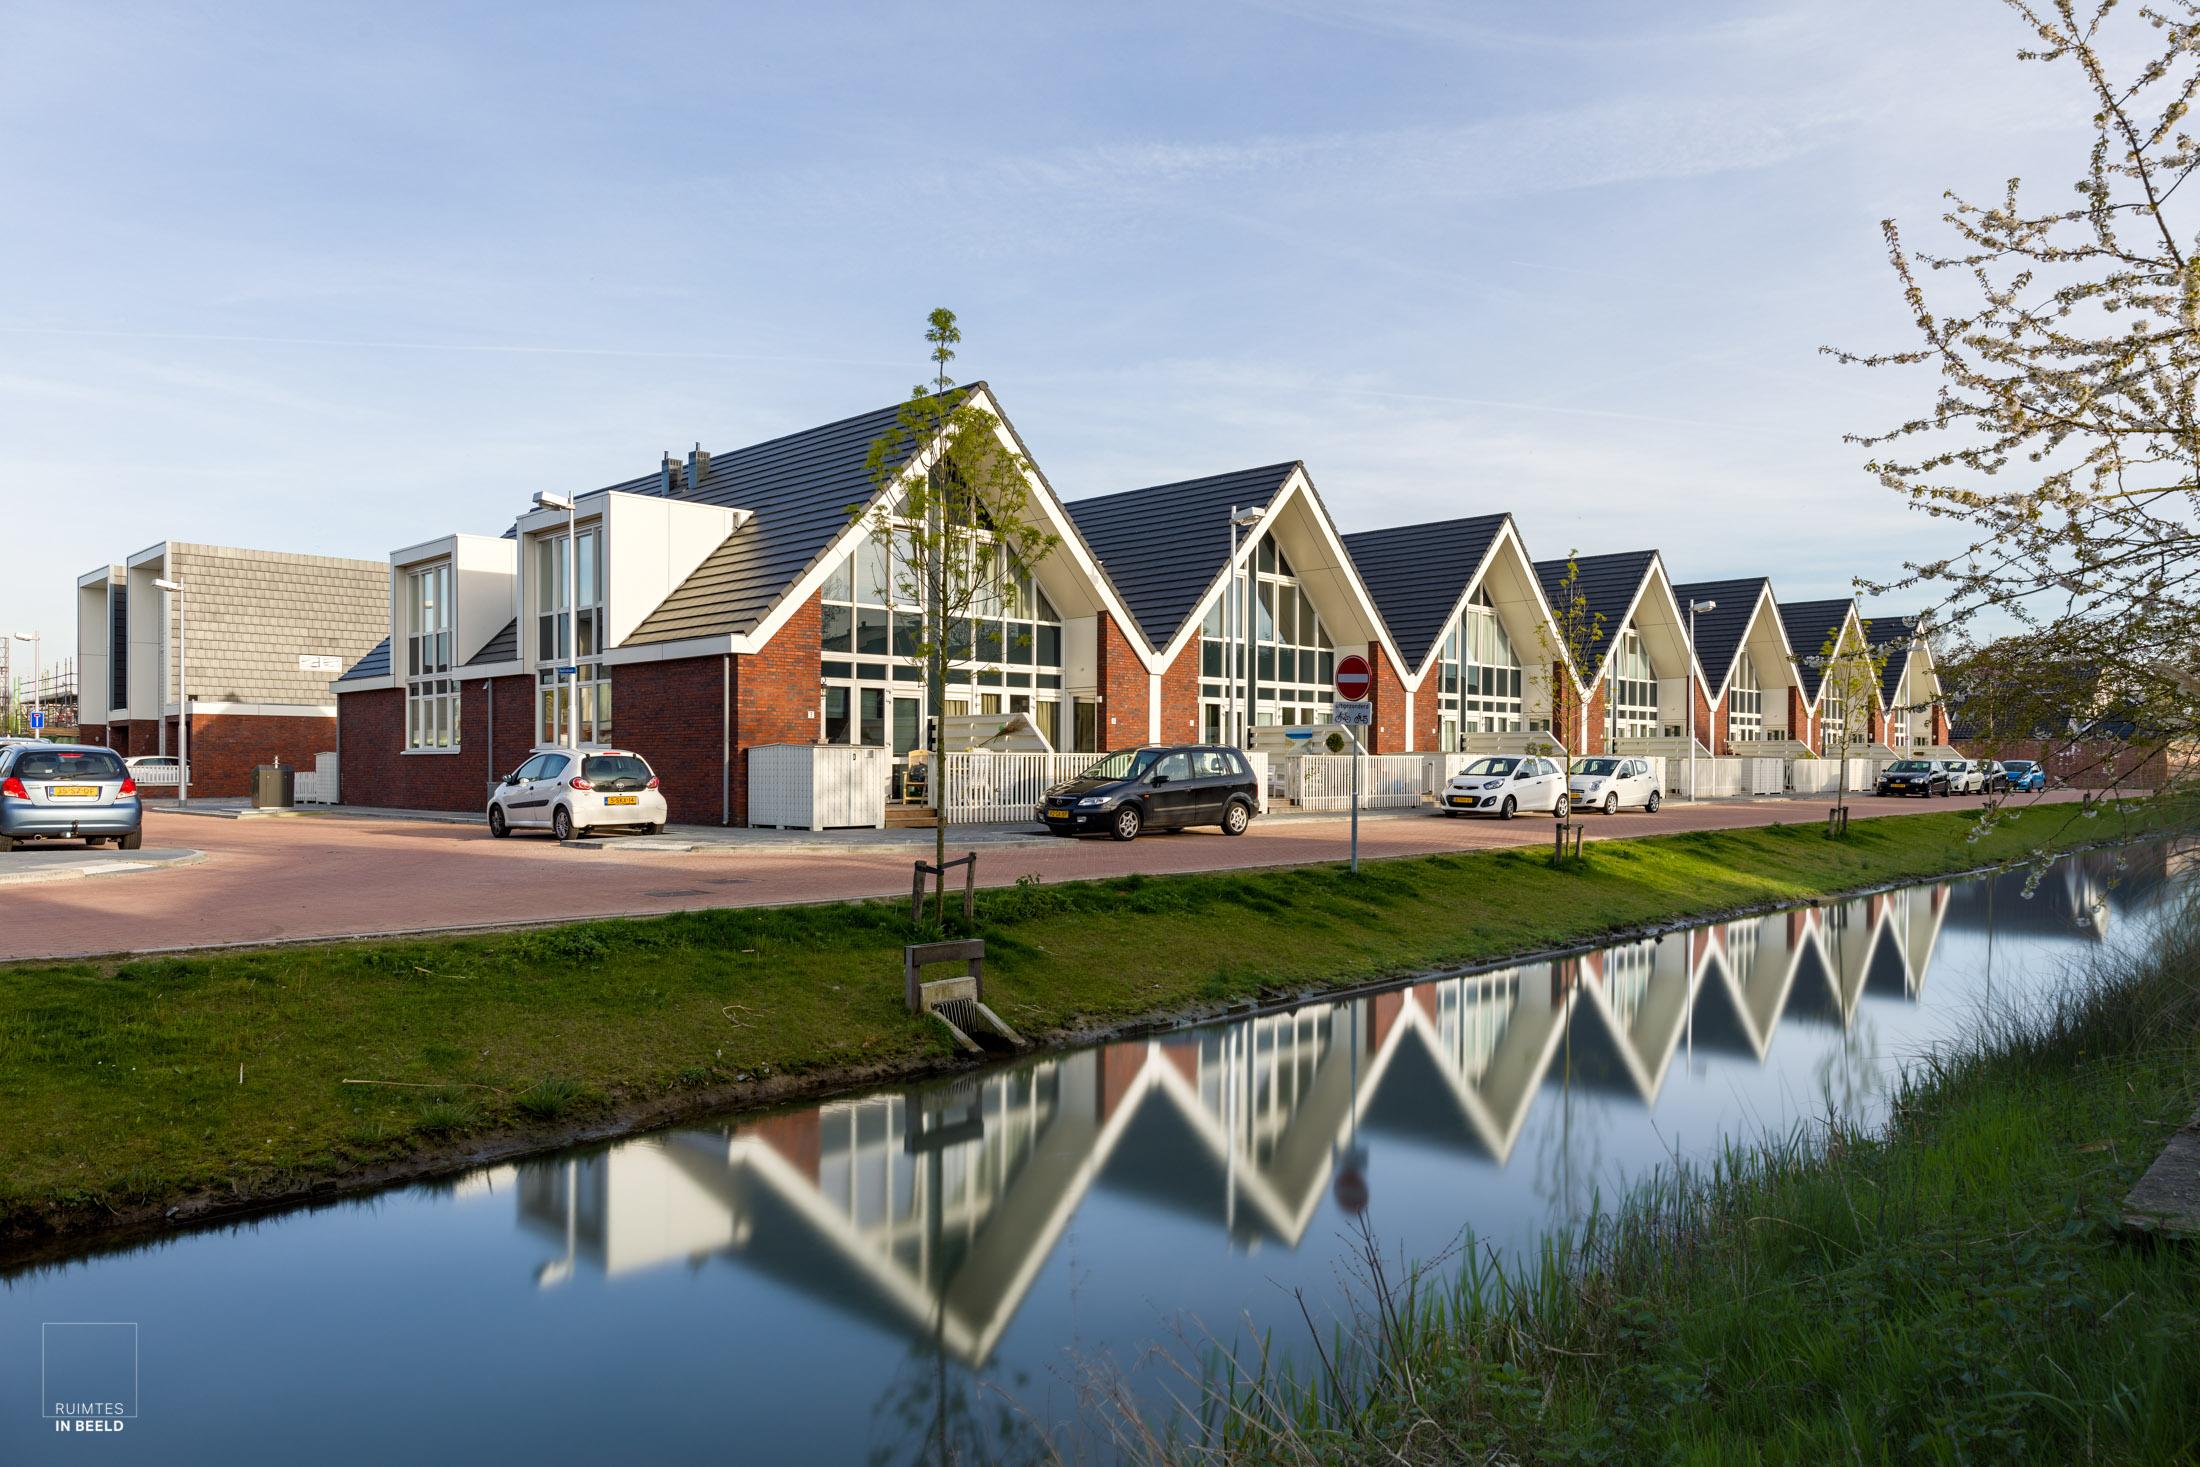 Voor de architectuurfotograaf valt het niet altijd mee om onderscheidende foto's te maken van een woonwijk. De aanwezigheid van water kan erg helpen.